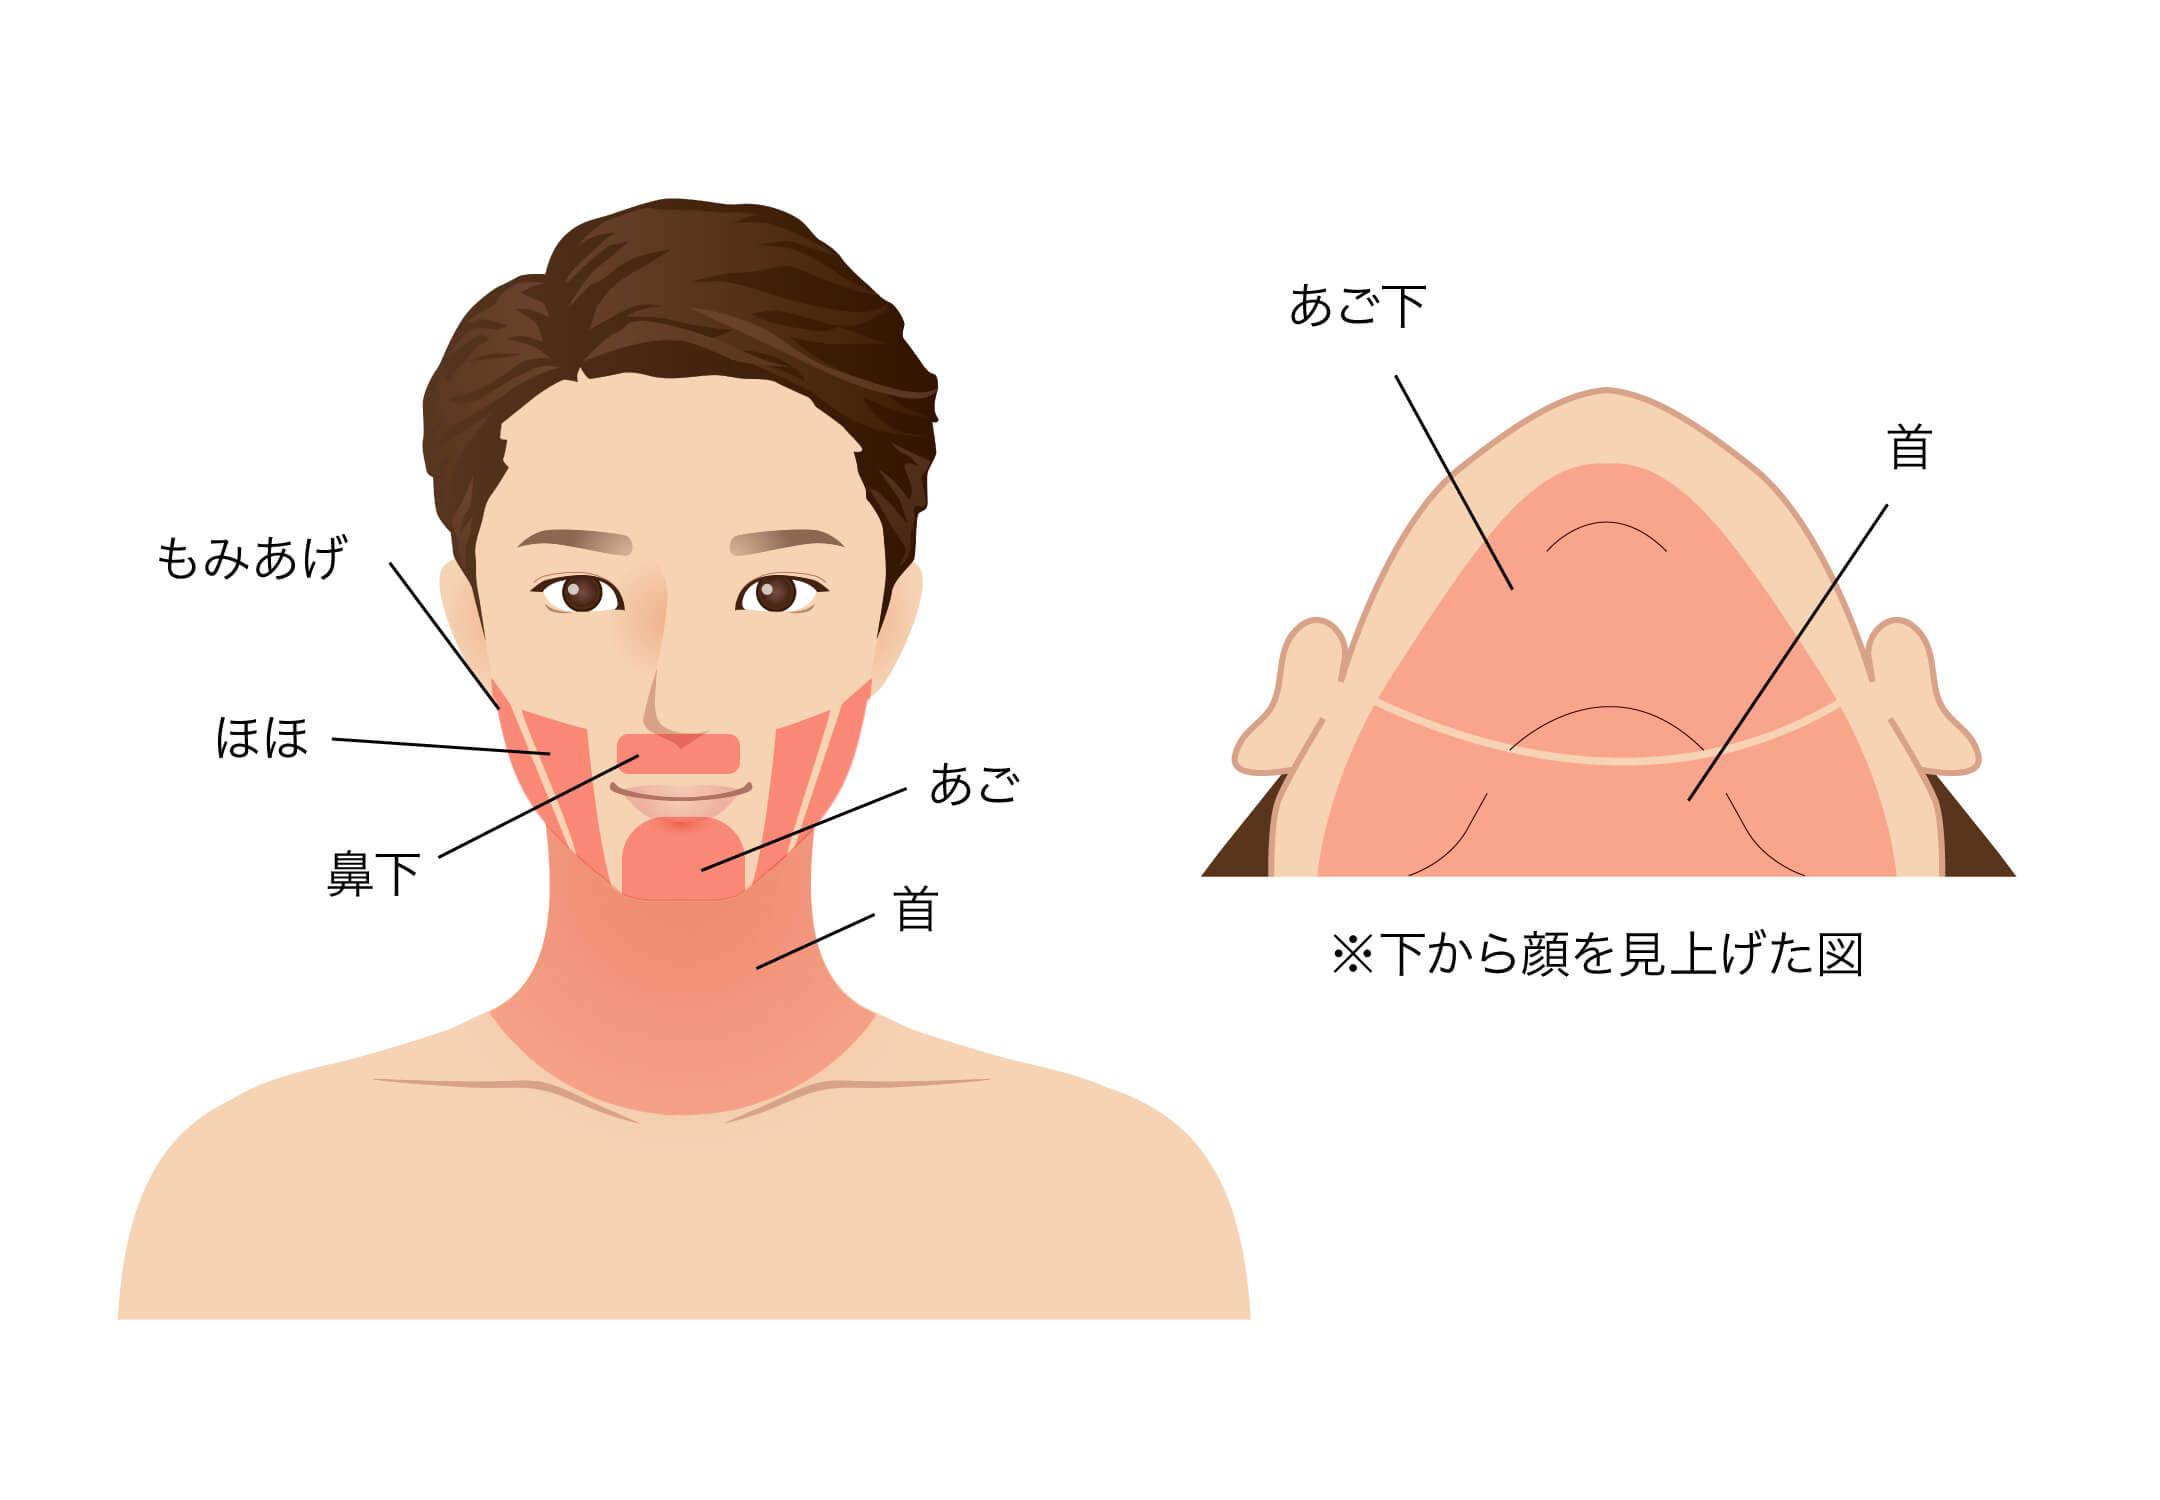 鼻下・あご・あご下・ほお・もみあげ・首・顔